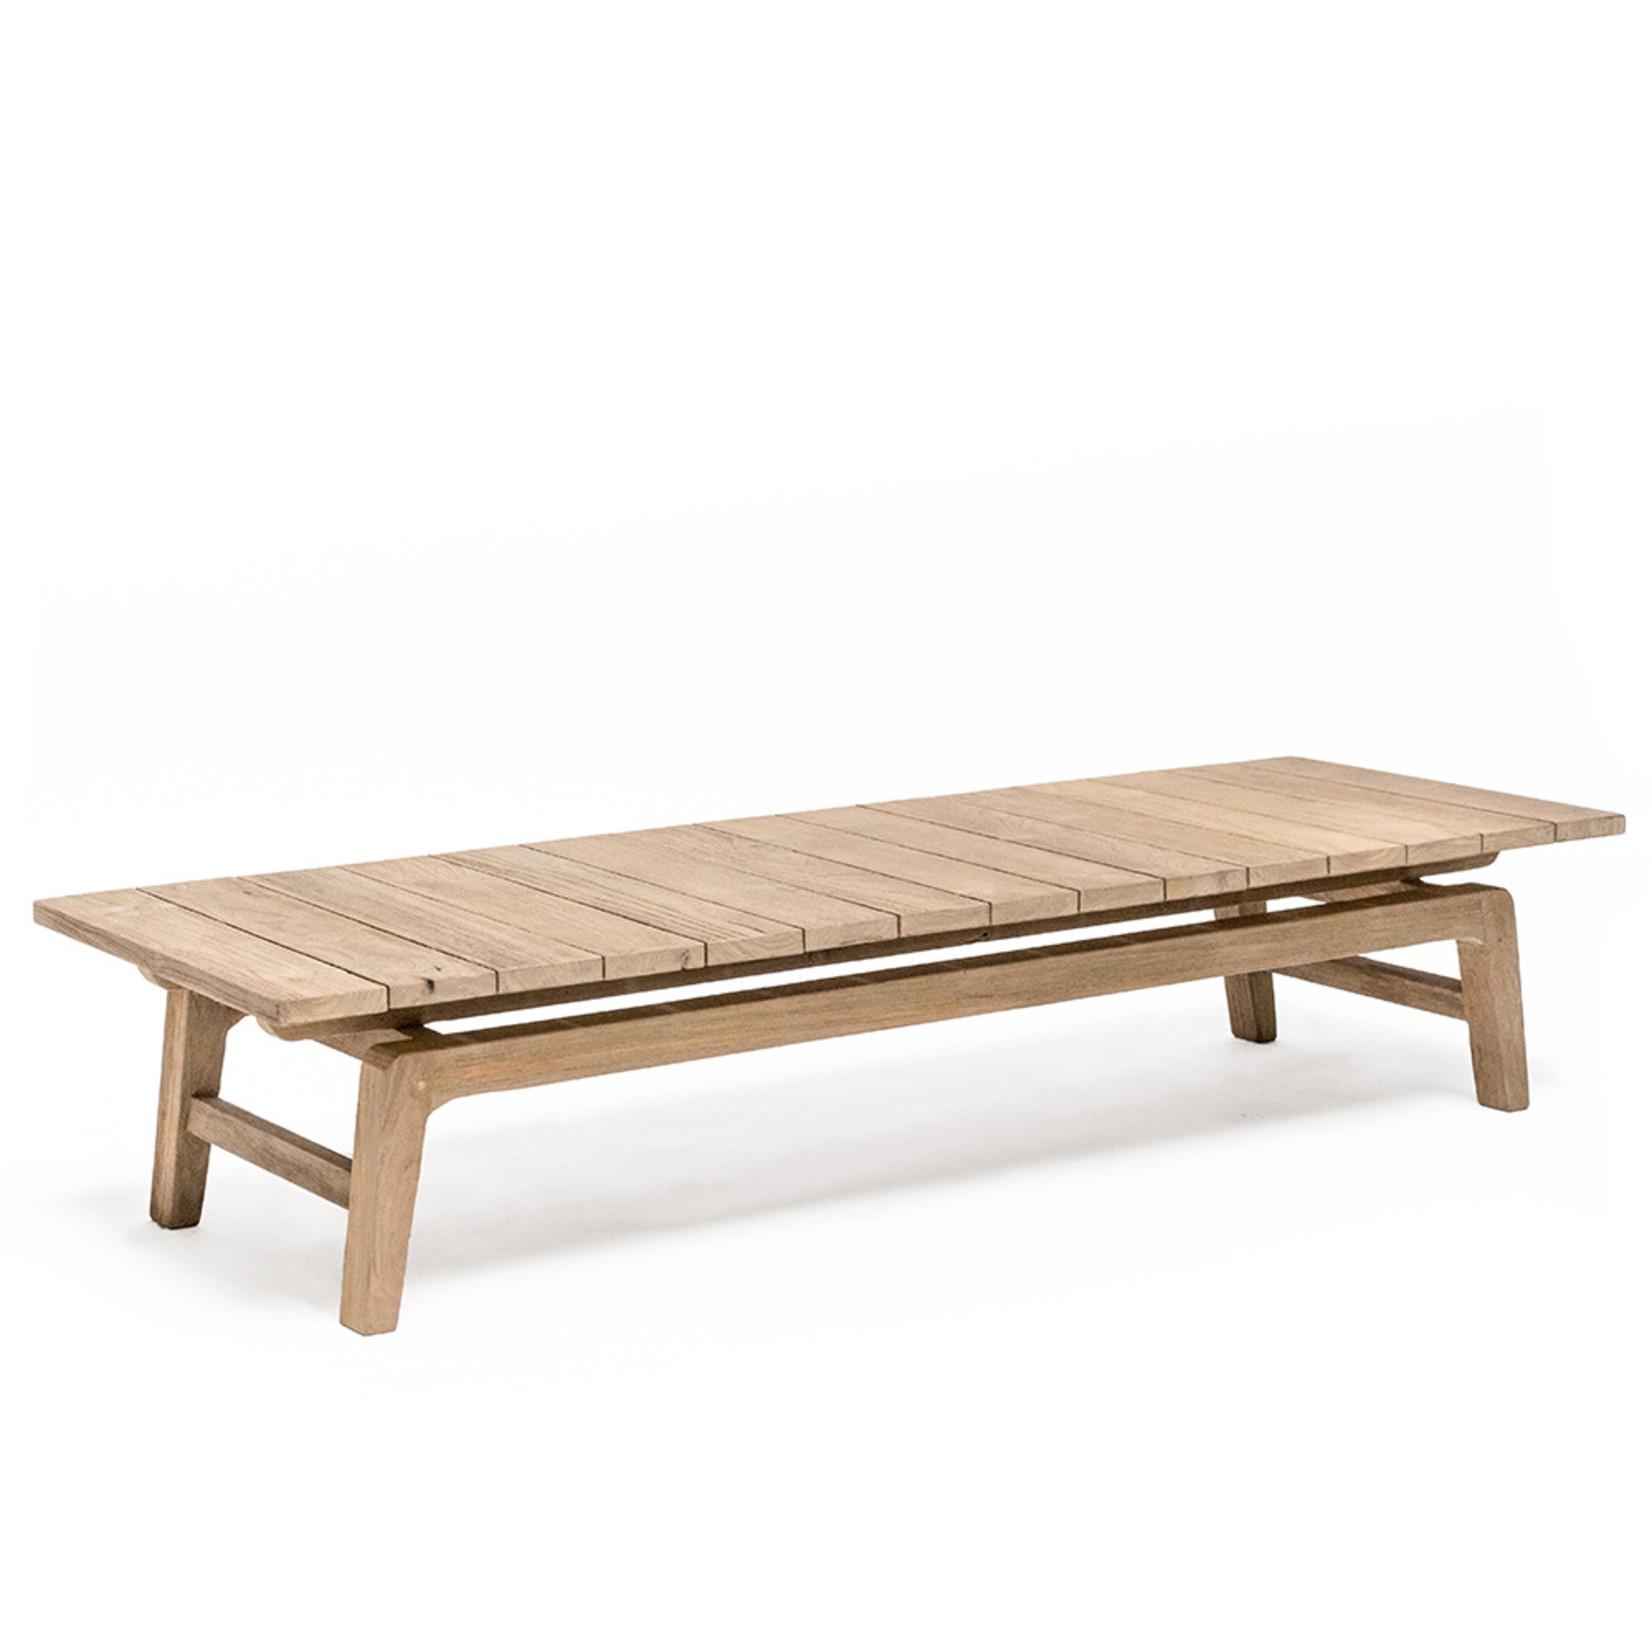 Gommaire Table basse Copenhague   Teck récupéré gris naturel